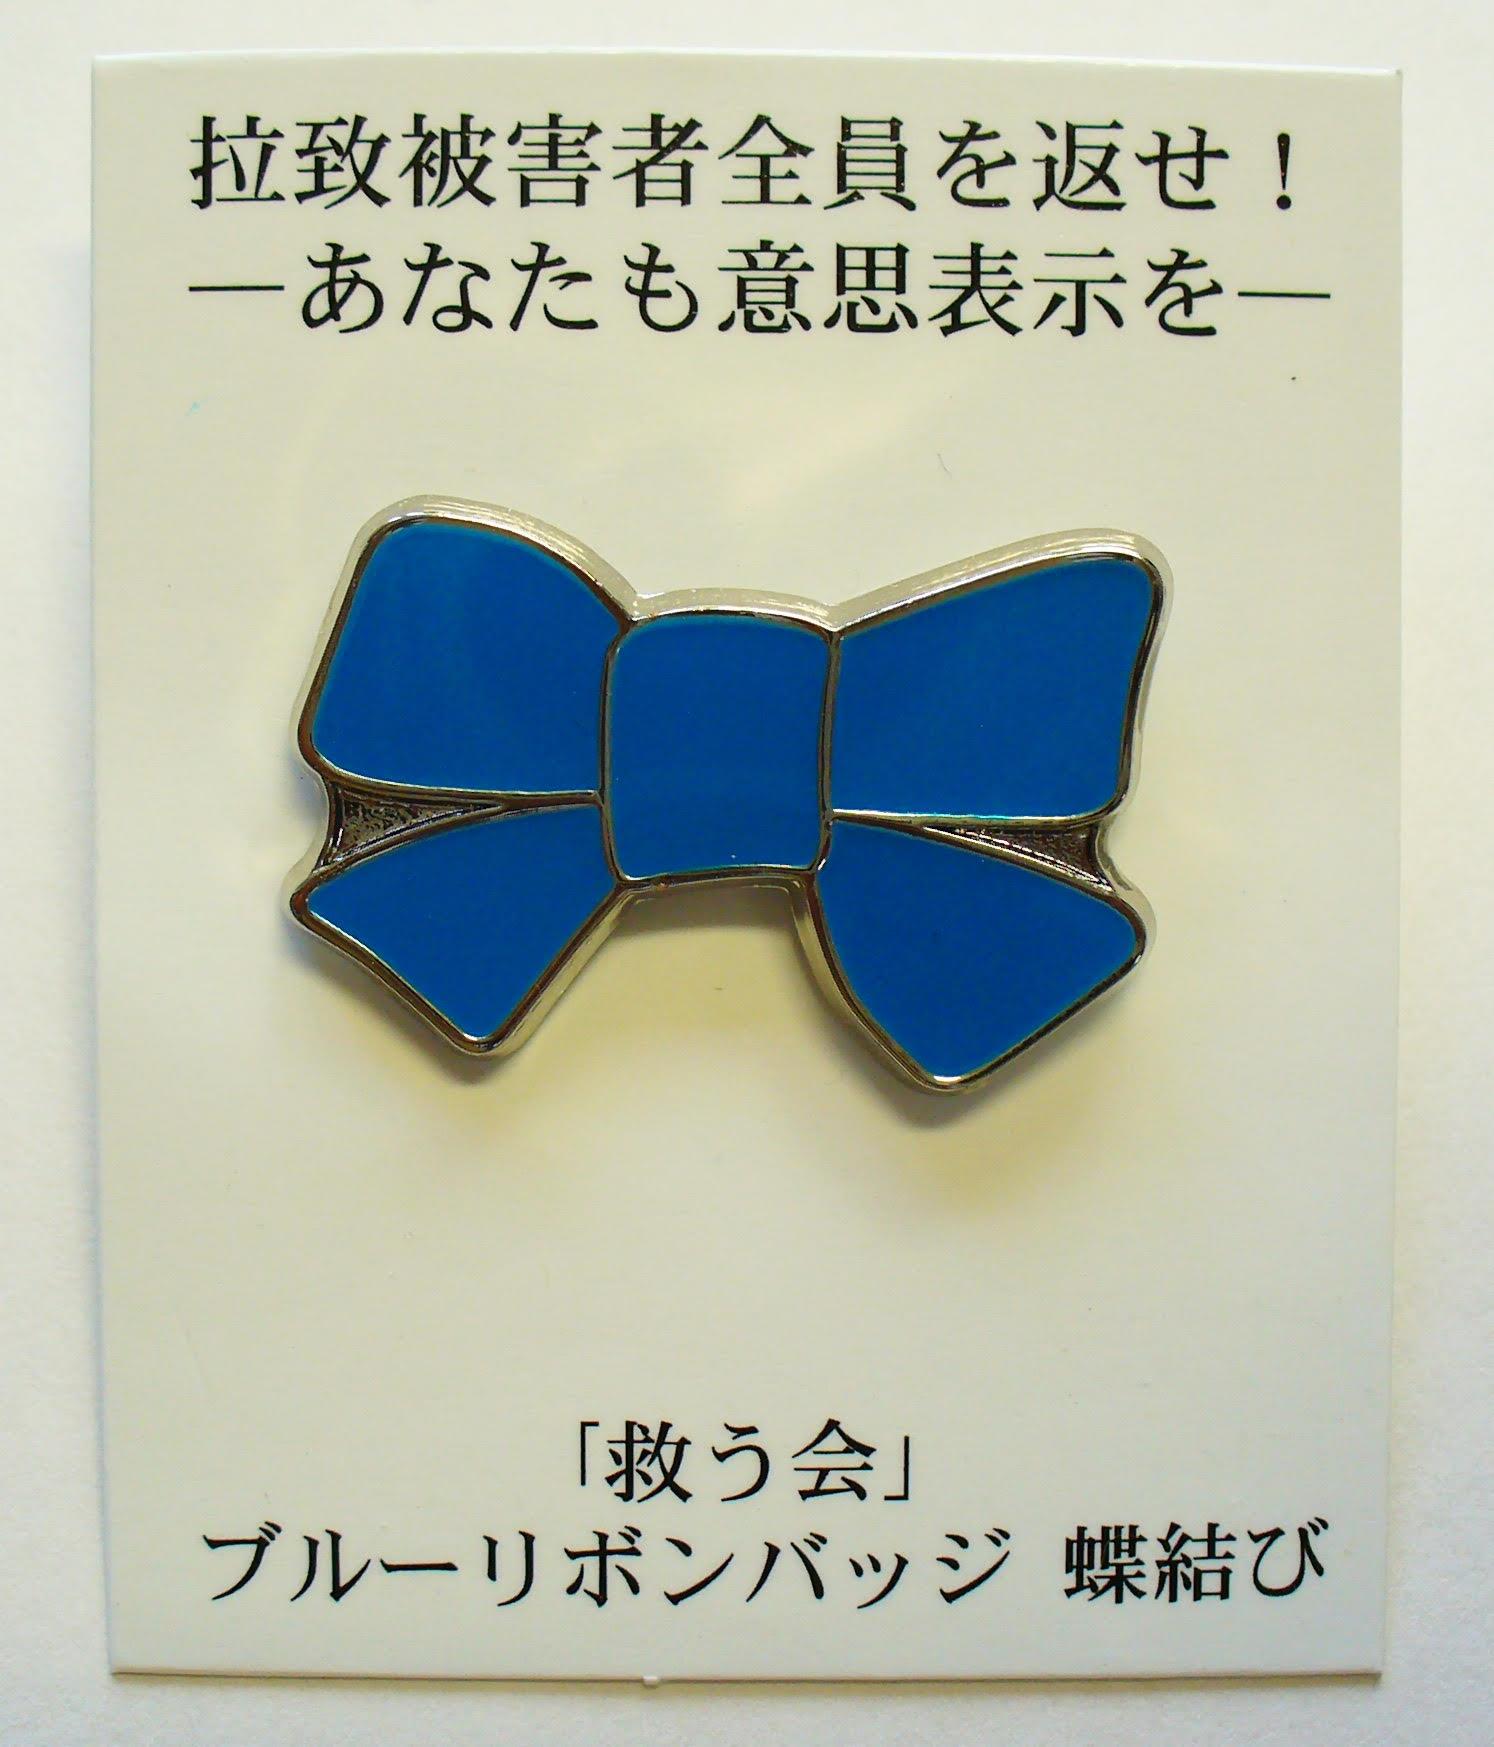 北朝鮮に拉致された日本人を救出するための  救う会:集会情報『11/15 新潟県新潟市』